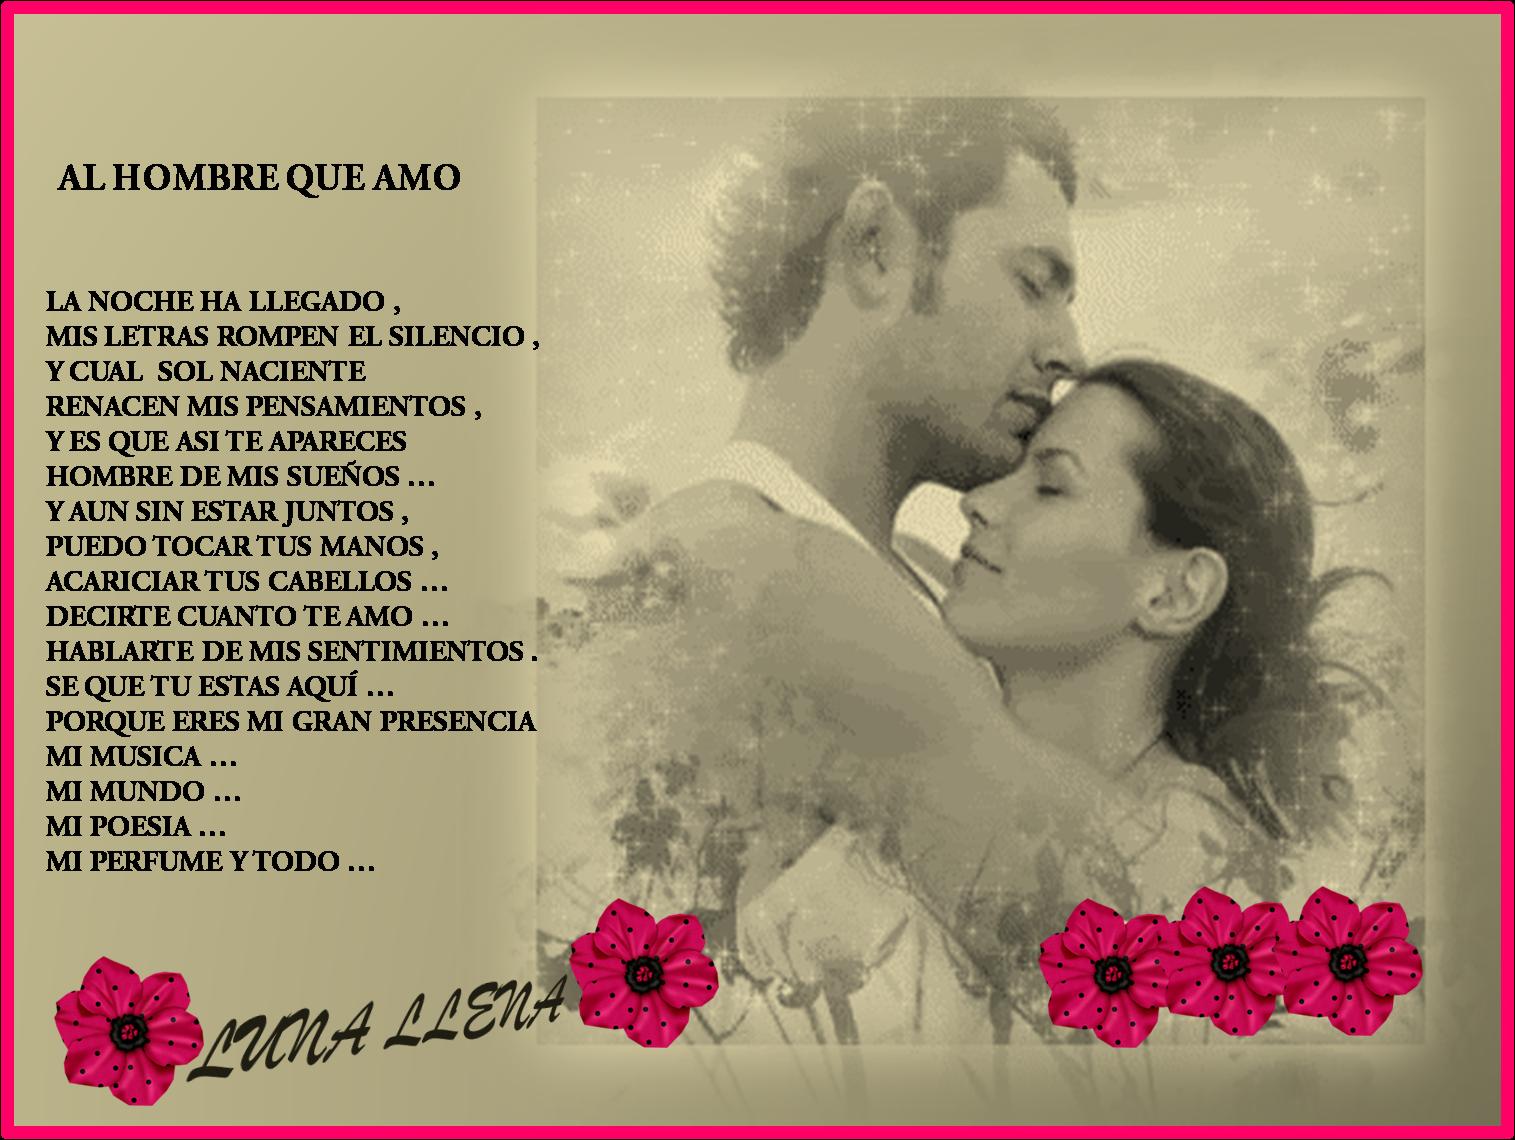 Poema y imagenes de amor Facebook - Imagenes Con Poema